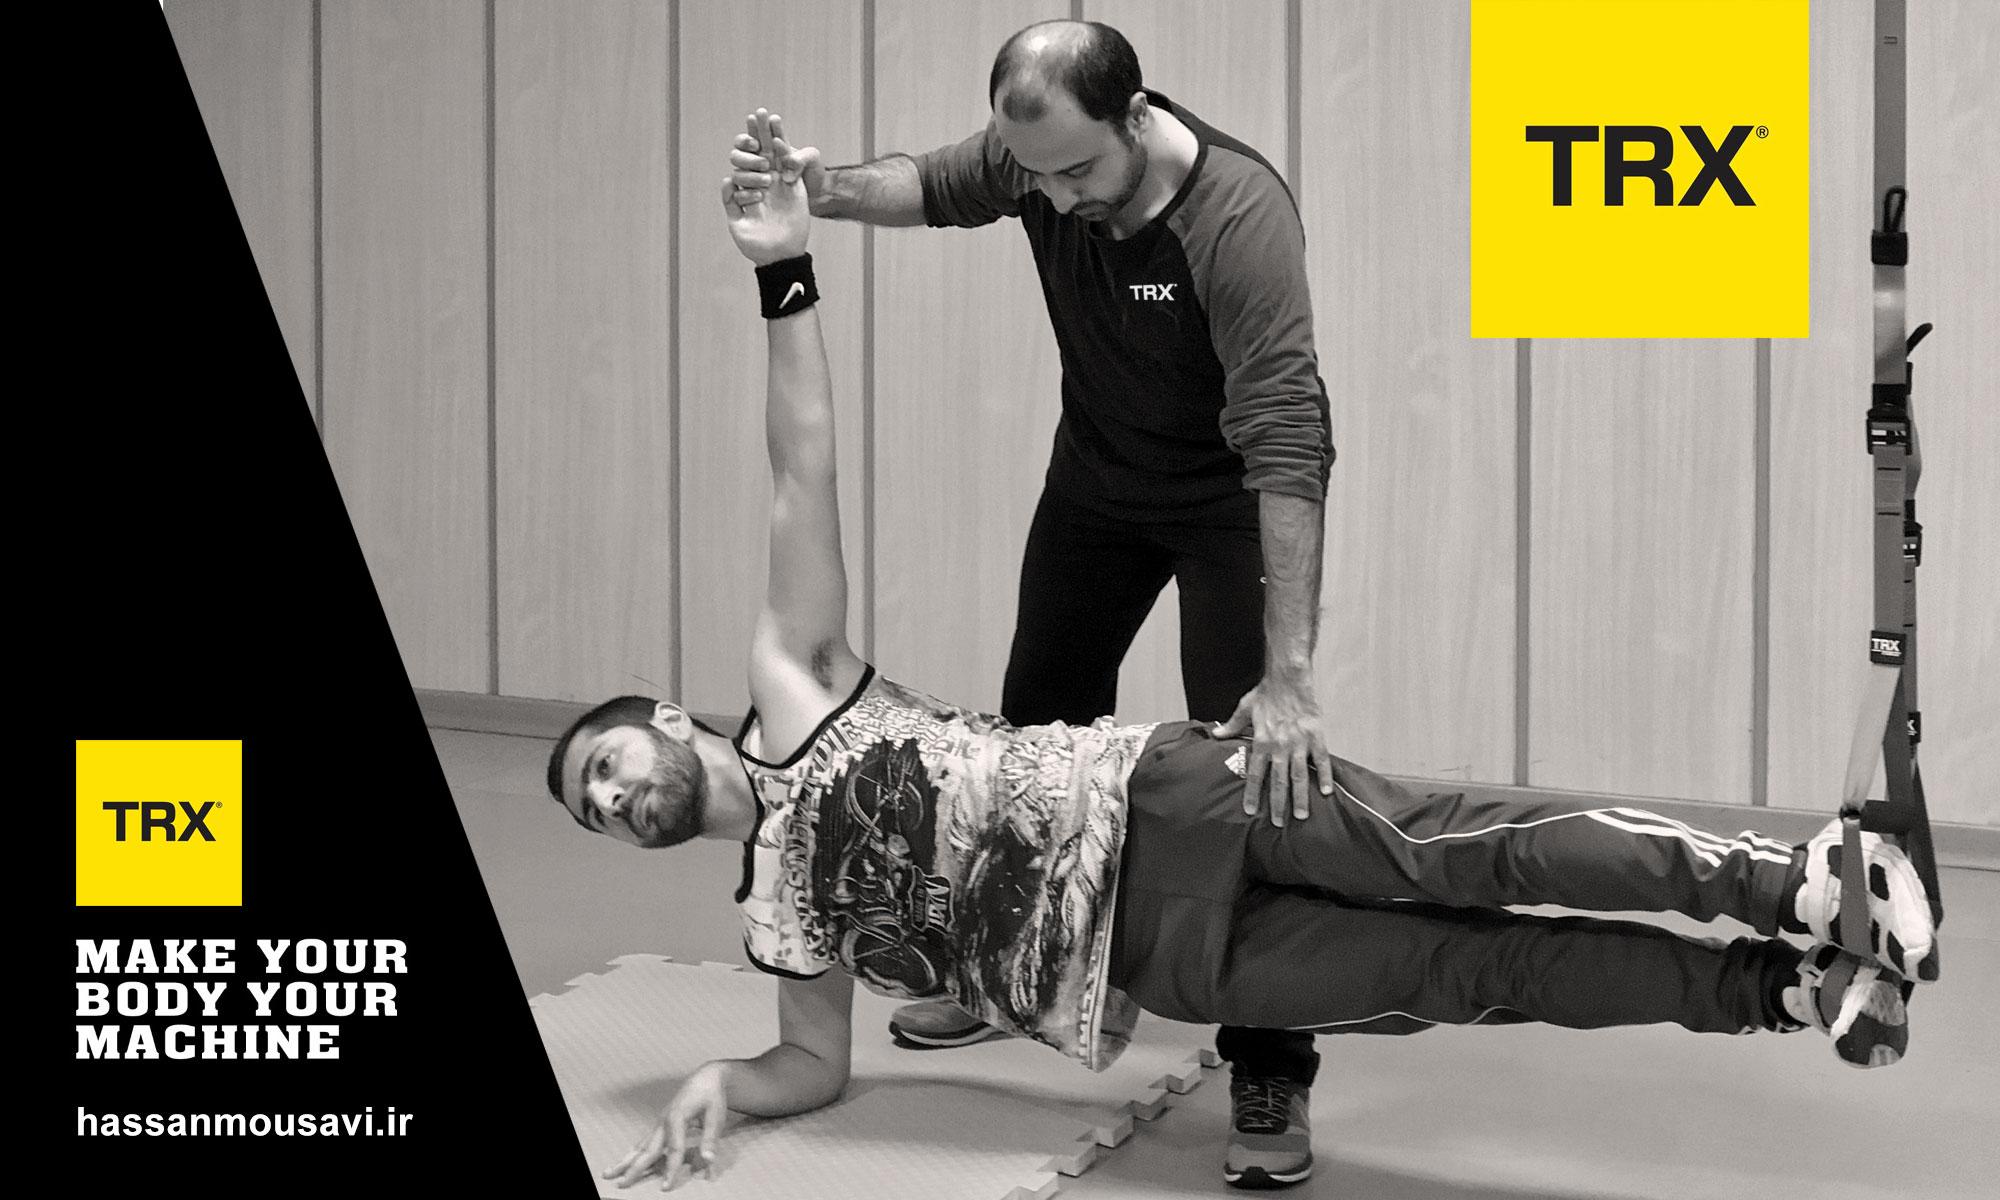 تمرینات معلق باعث توسعه قدرت، تعادل، انعطاف پذیری، افزایش دامنه حرکتی و ثبات مفصلی است.